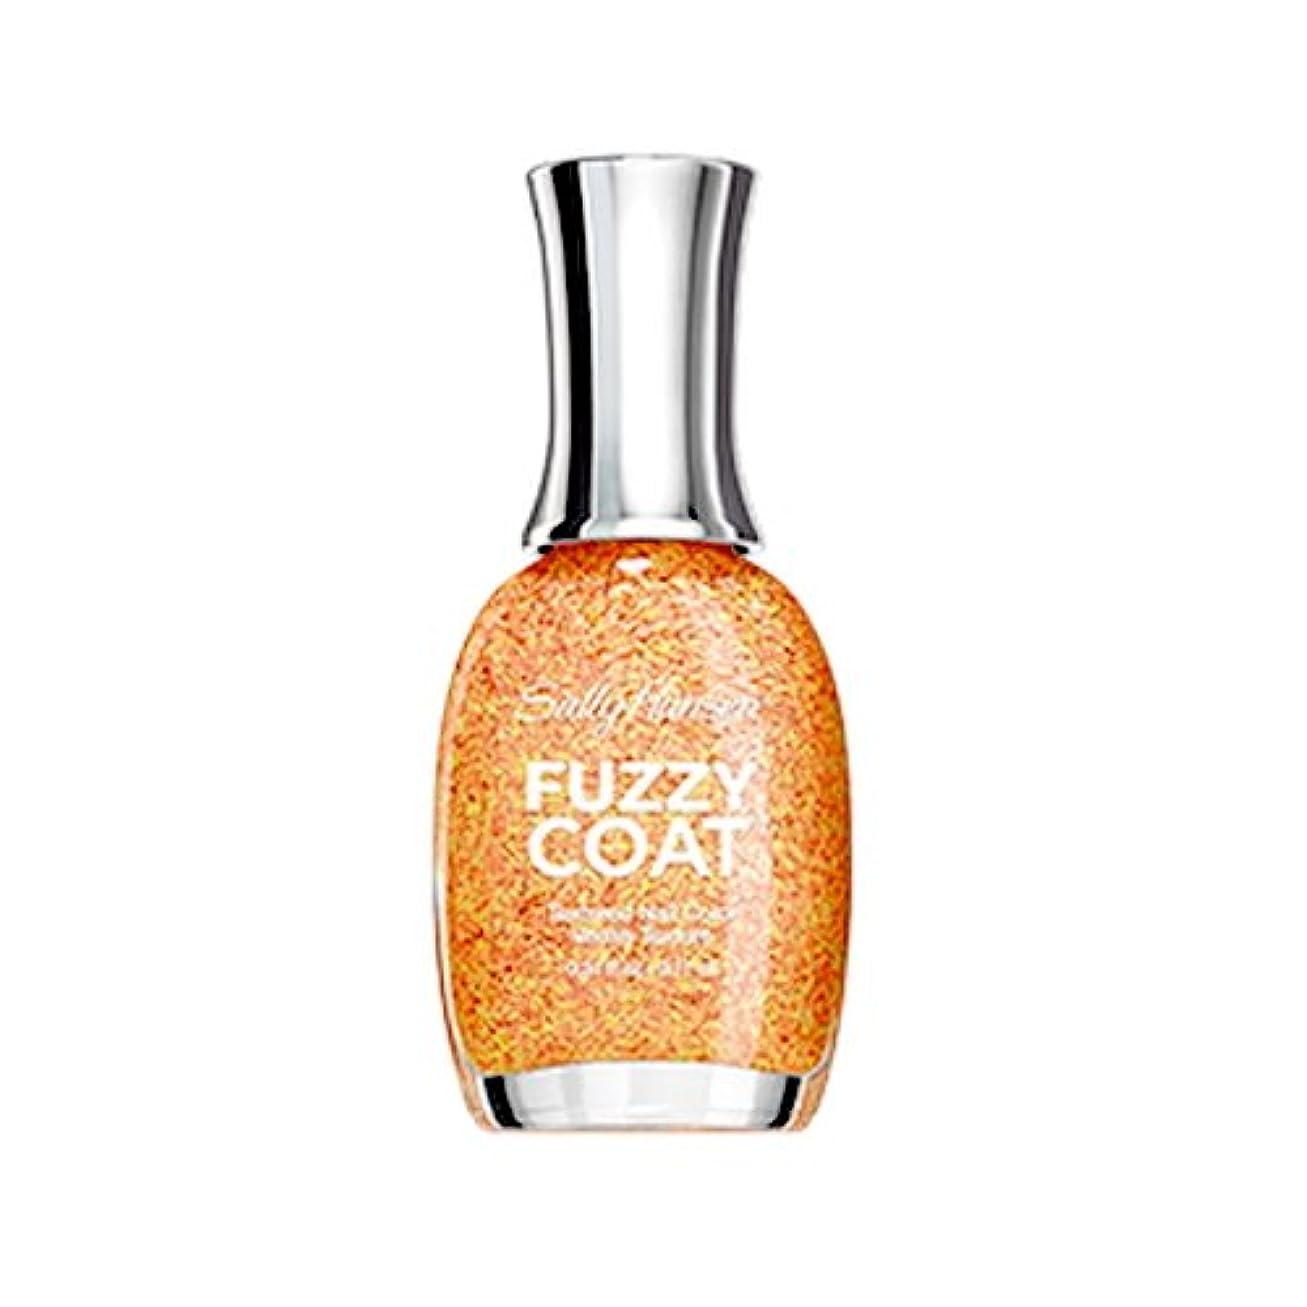 ホテル壮大な実験的SALLY HANSEN Fuzzy Coat Special Effect Textured Nail Color - Peach Fuzz (並行輸入品)